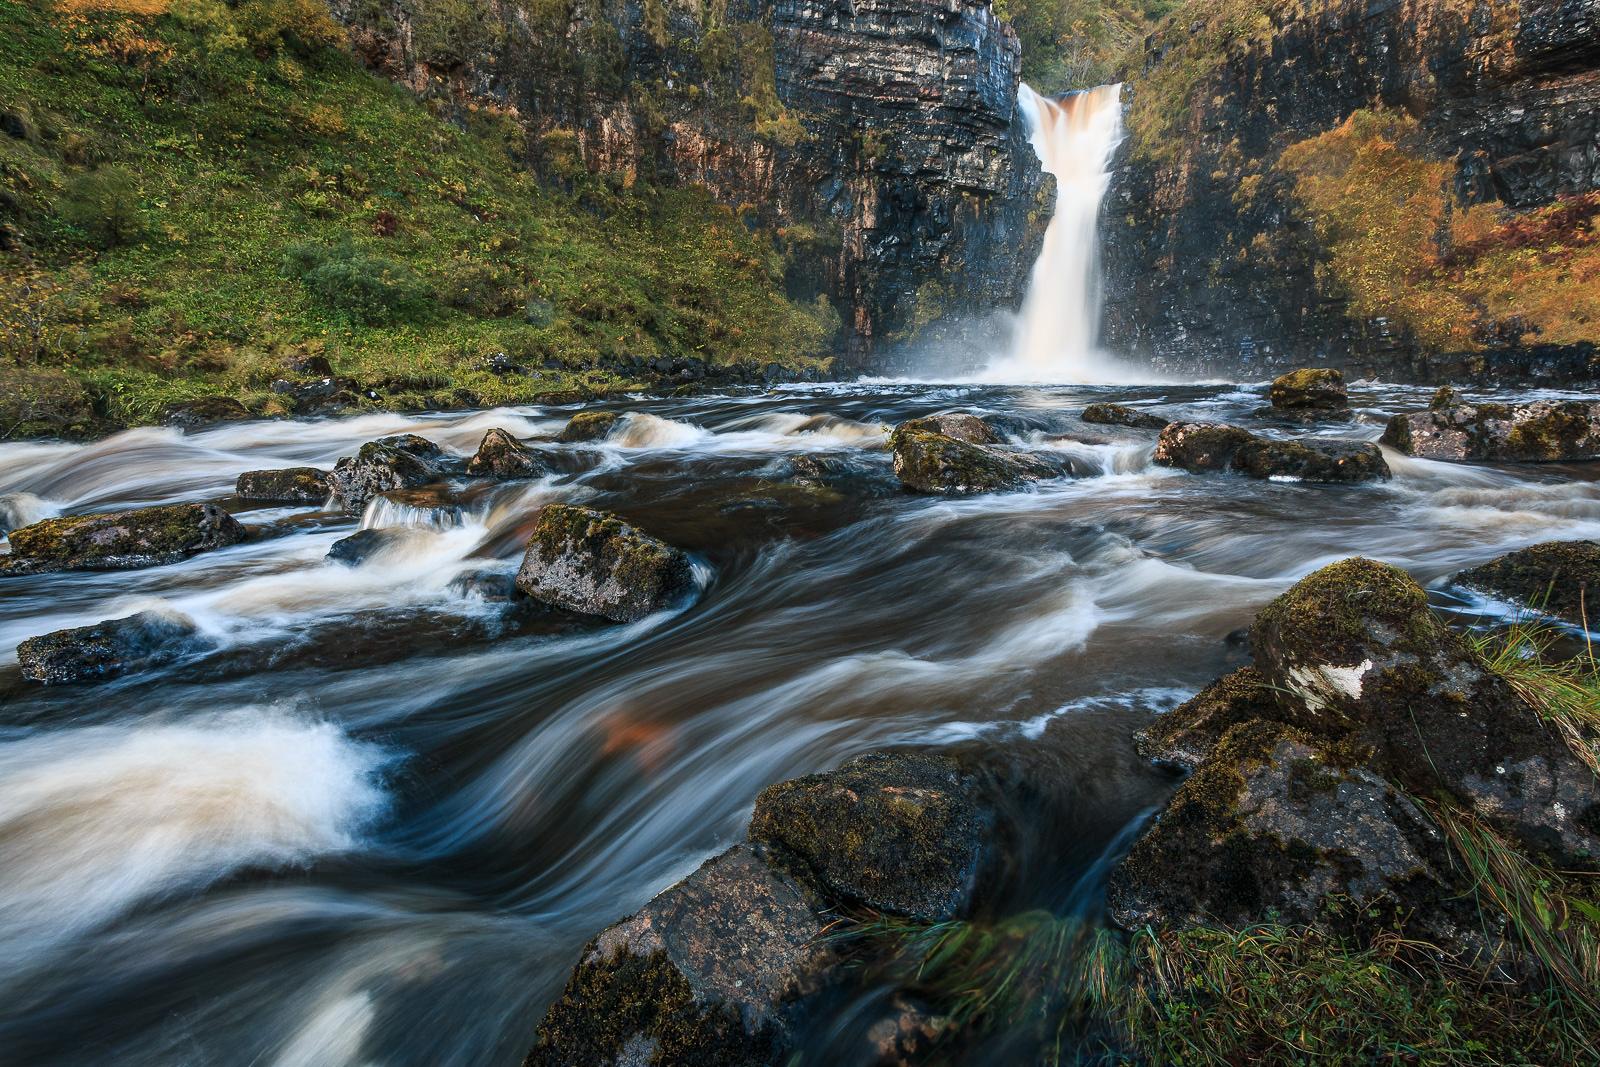 Endlich mal Wasserfälle fotografieren – ich liebe es!